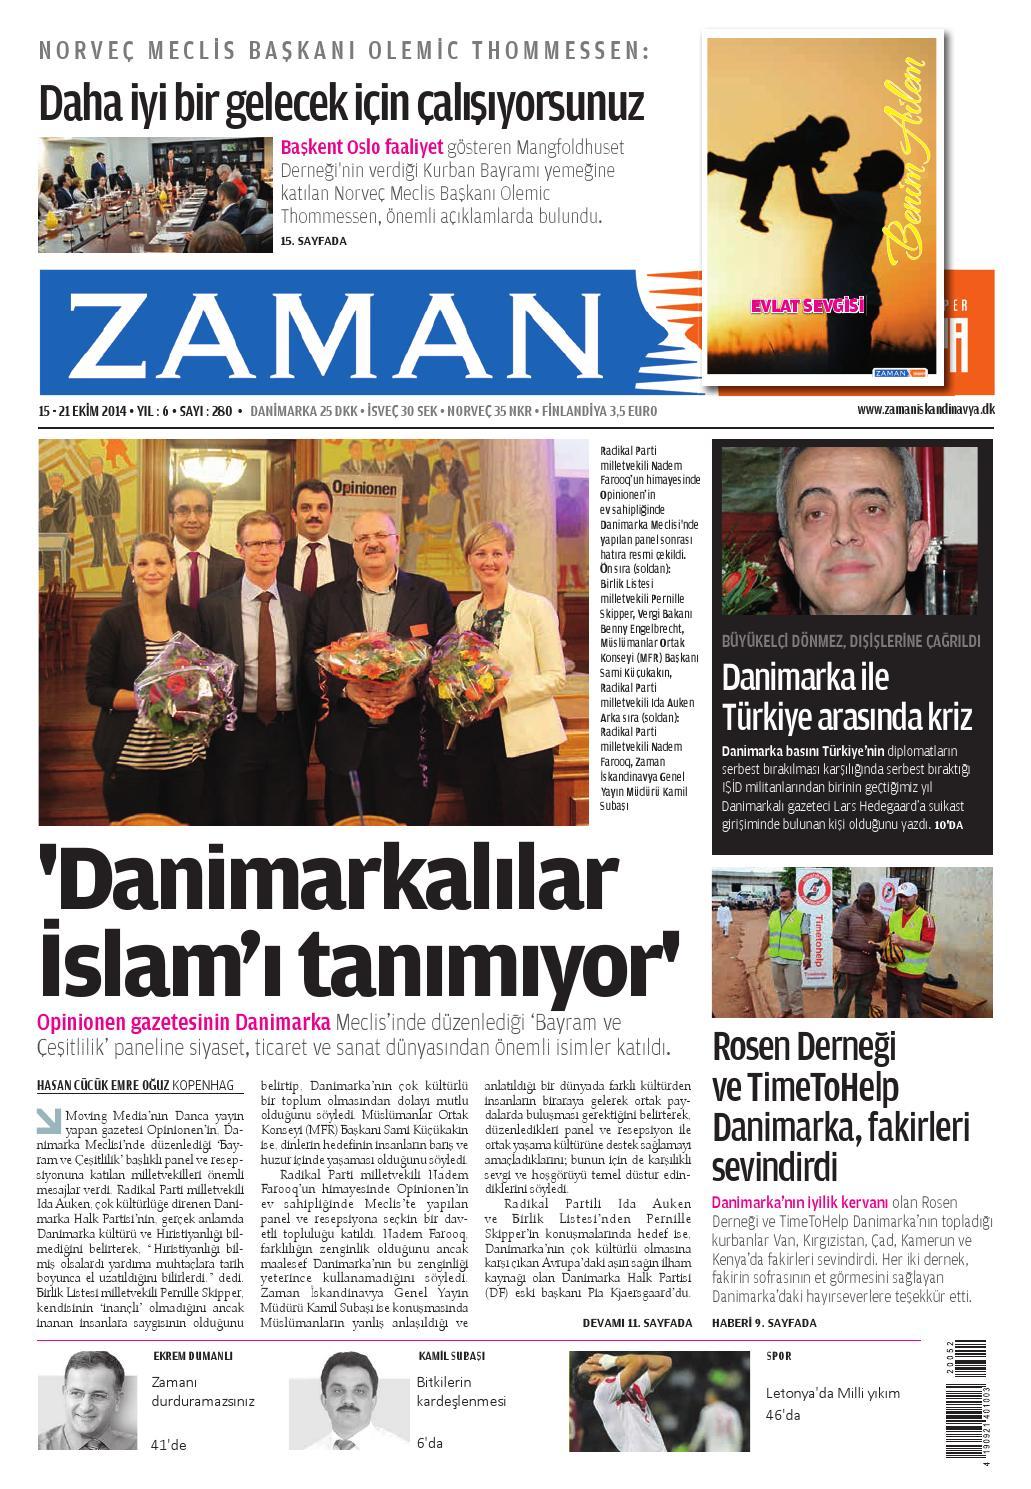 Erdoğan: ÖSOnun bazı gruplarında ganimet anlayışı var, hemen müdahale edildi 11